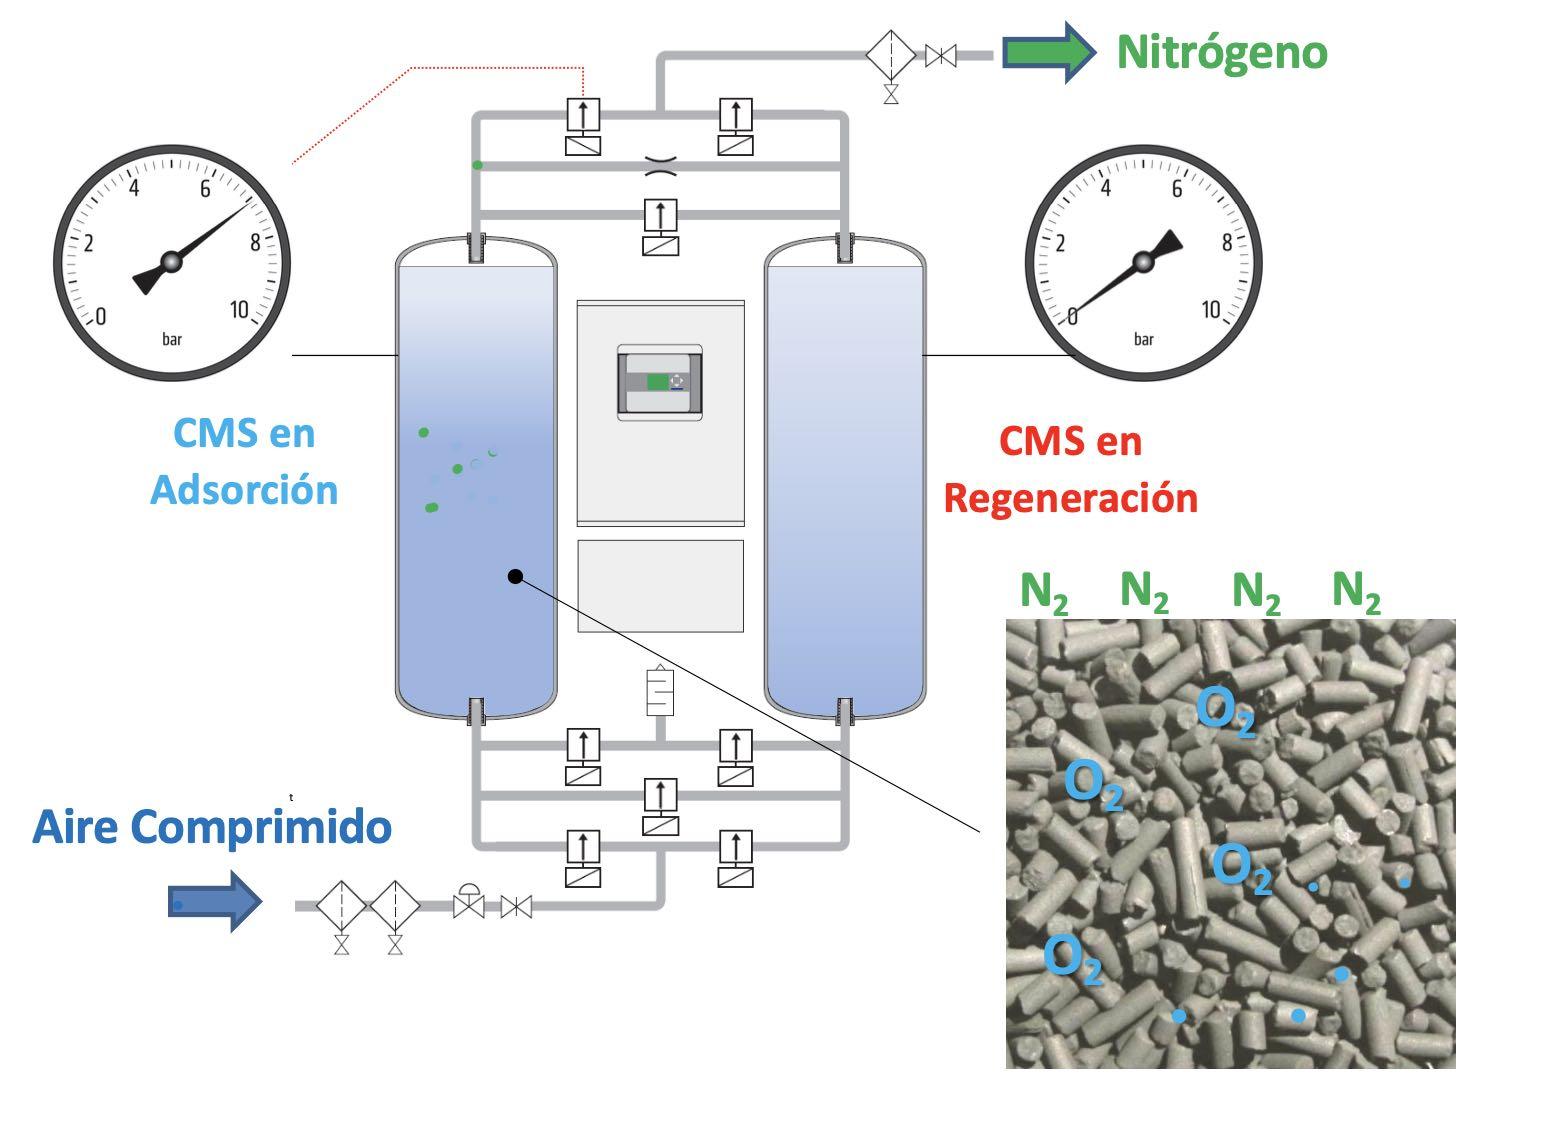 Esquema de producción de Nitrógeno